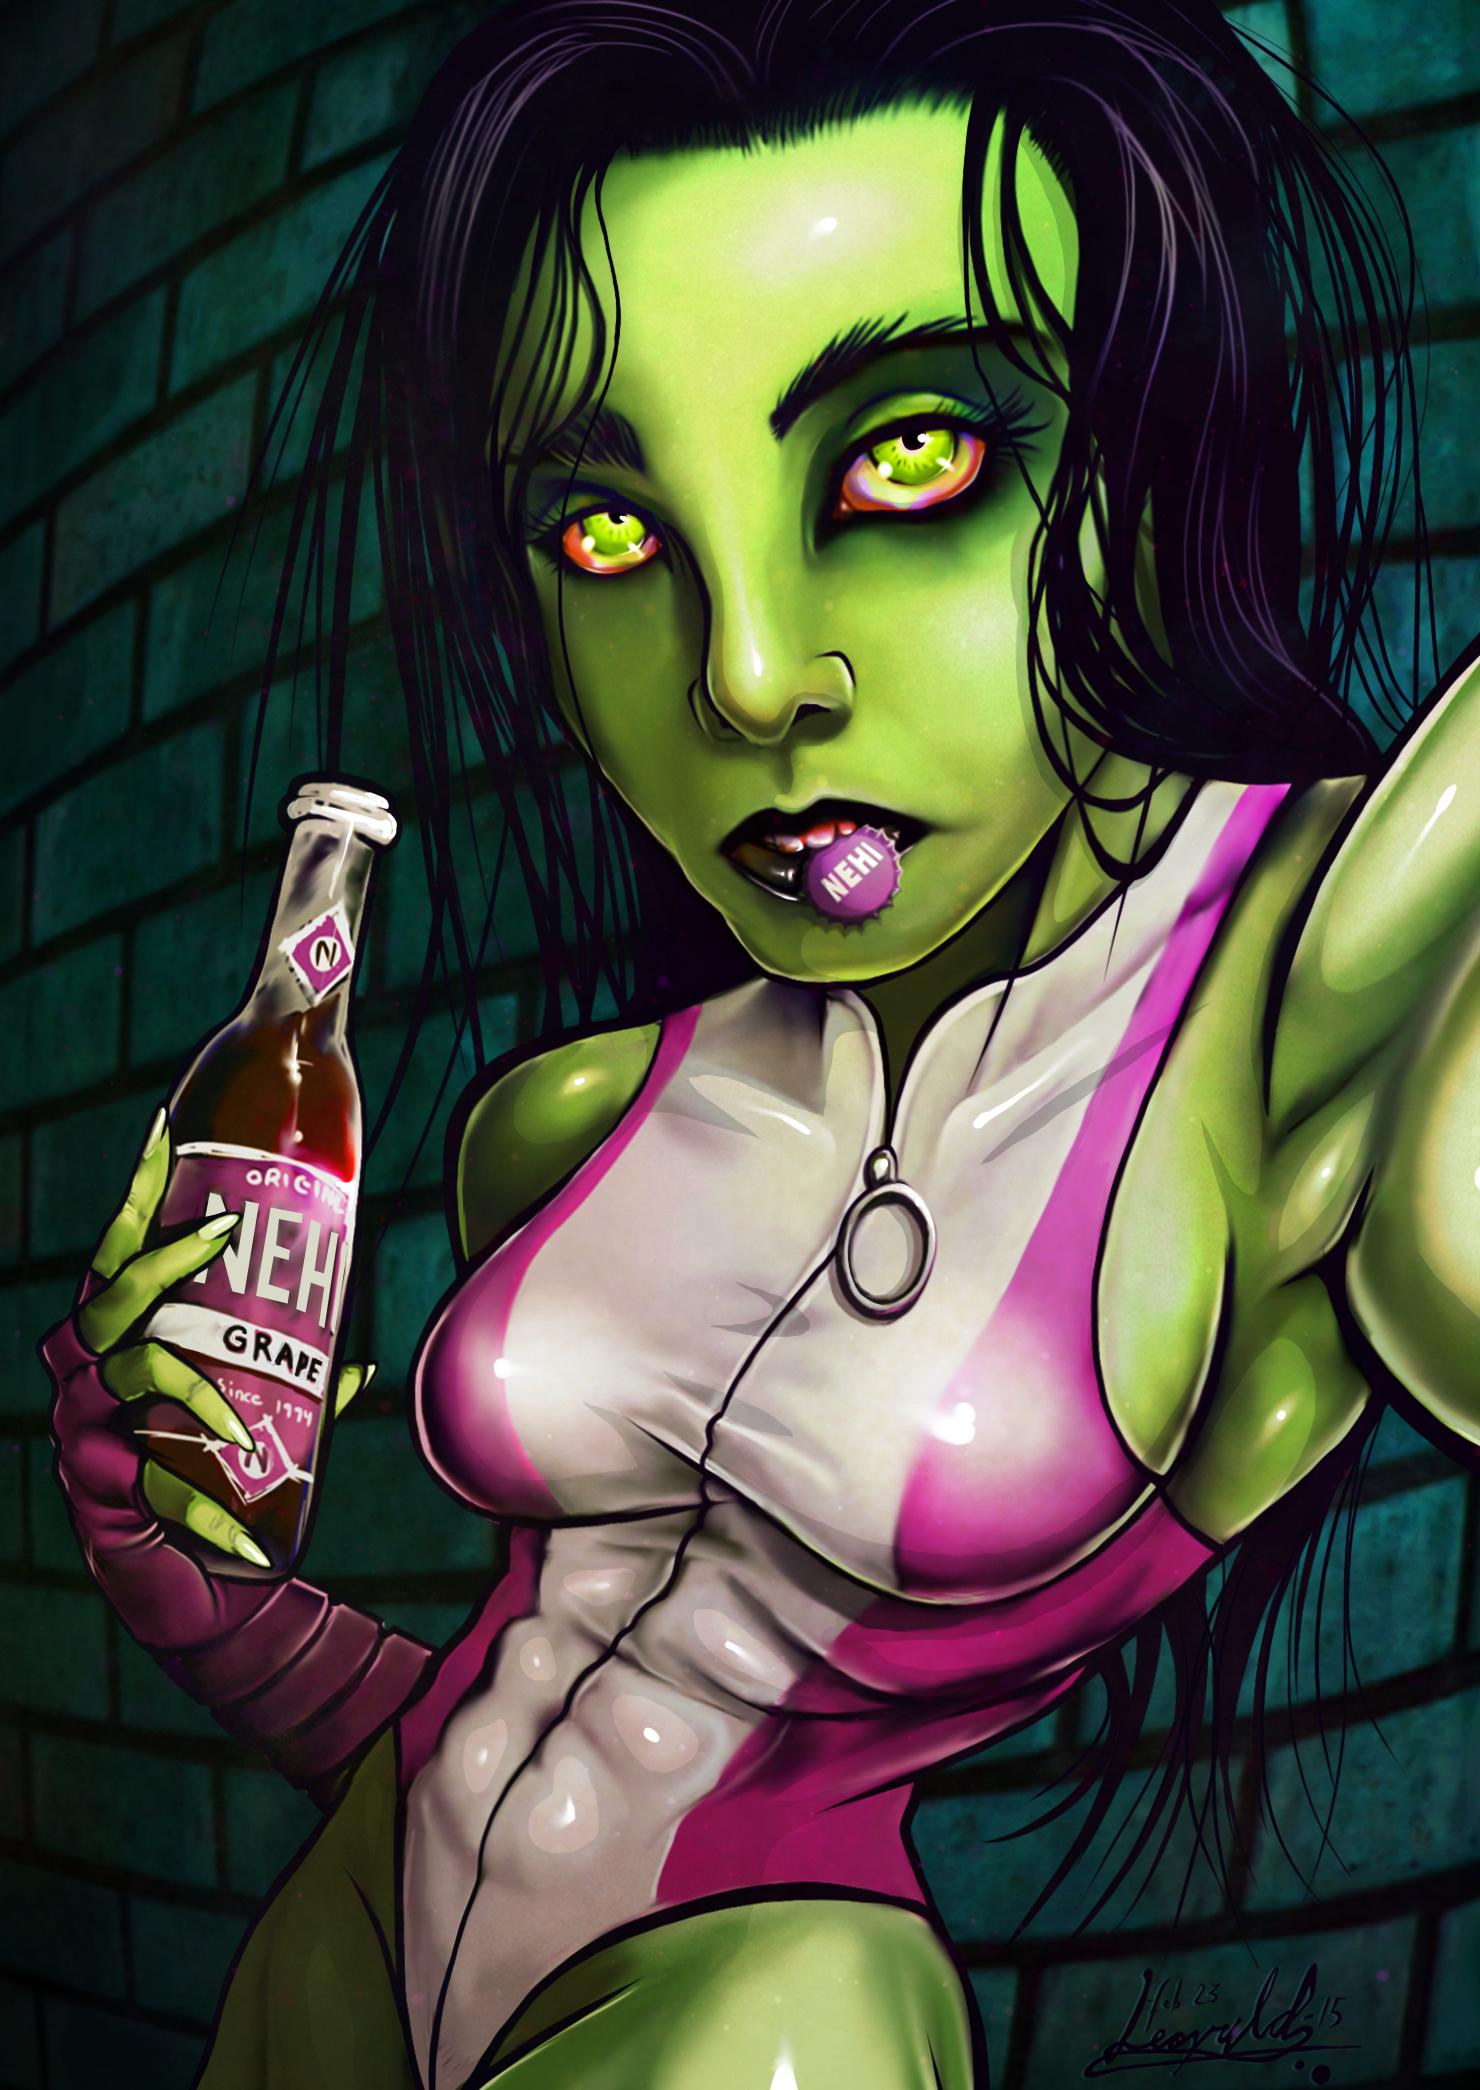 Grape flavored soda, anyone?